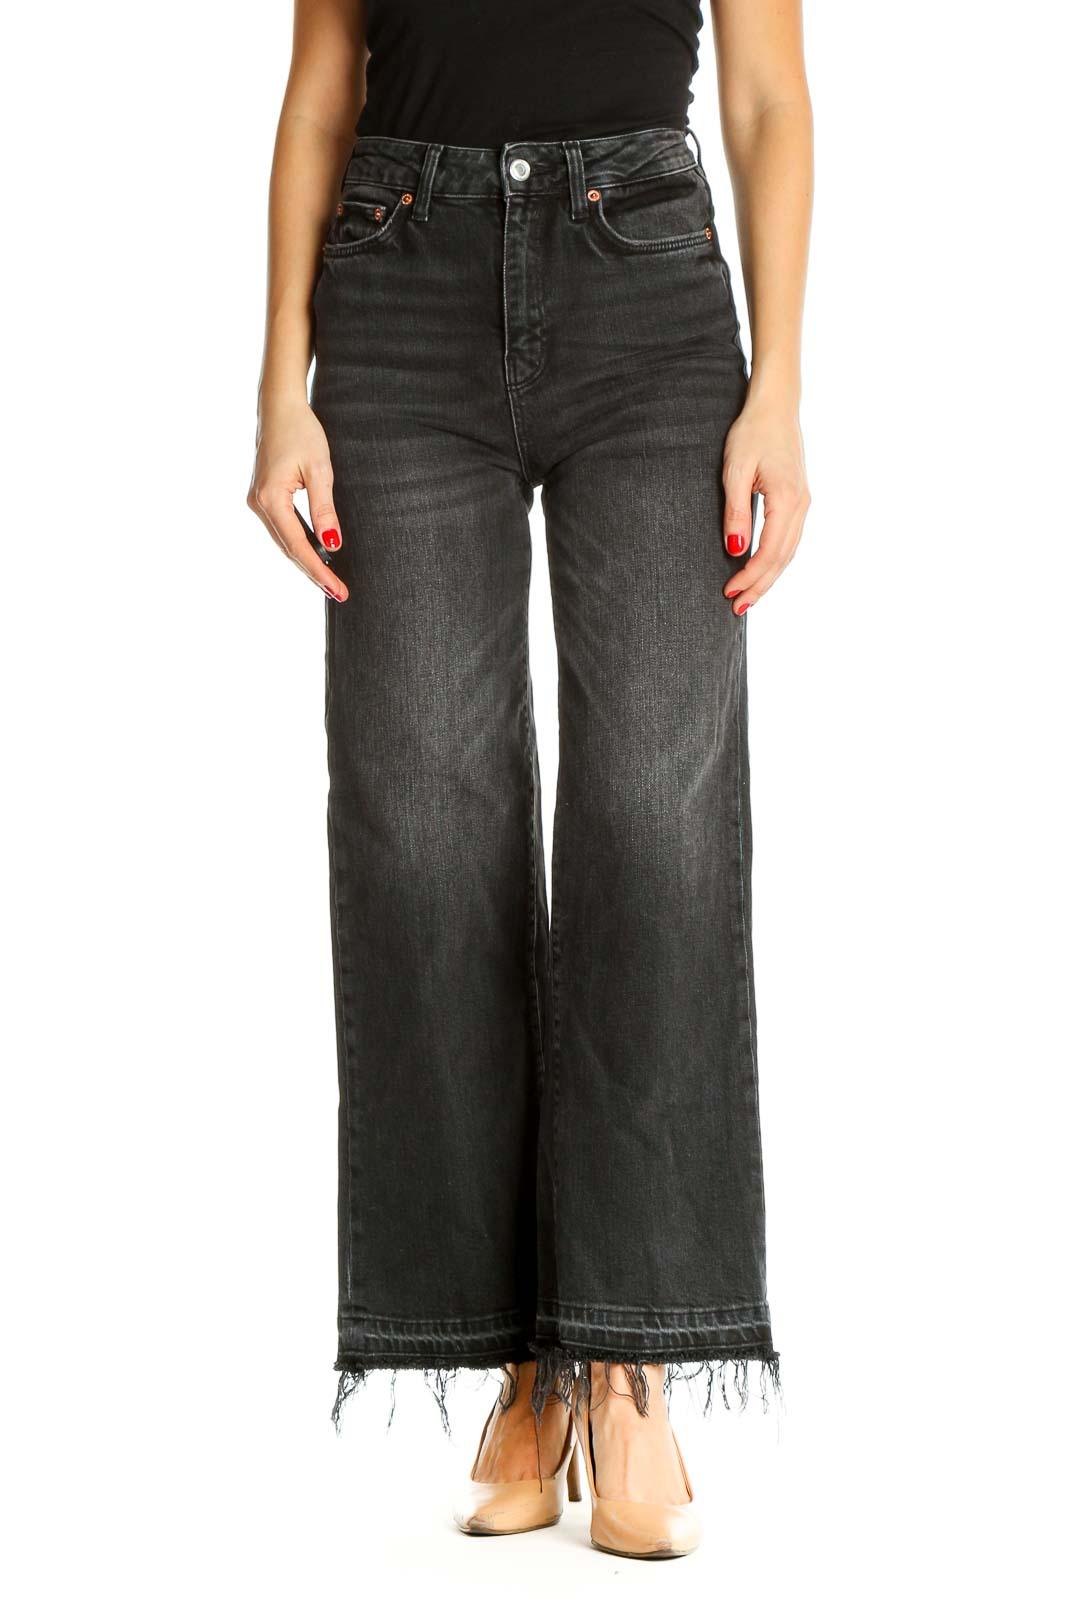 Black Wide Leg Jeans Front